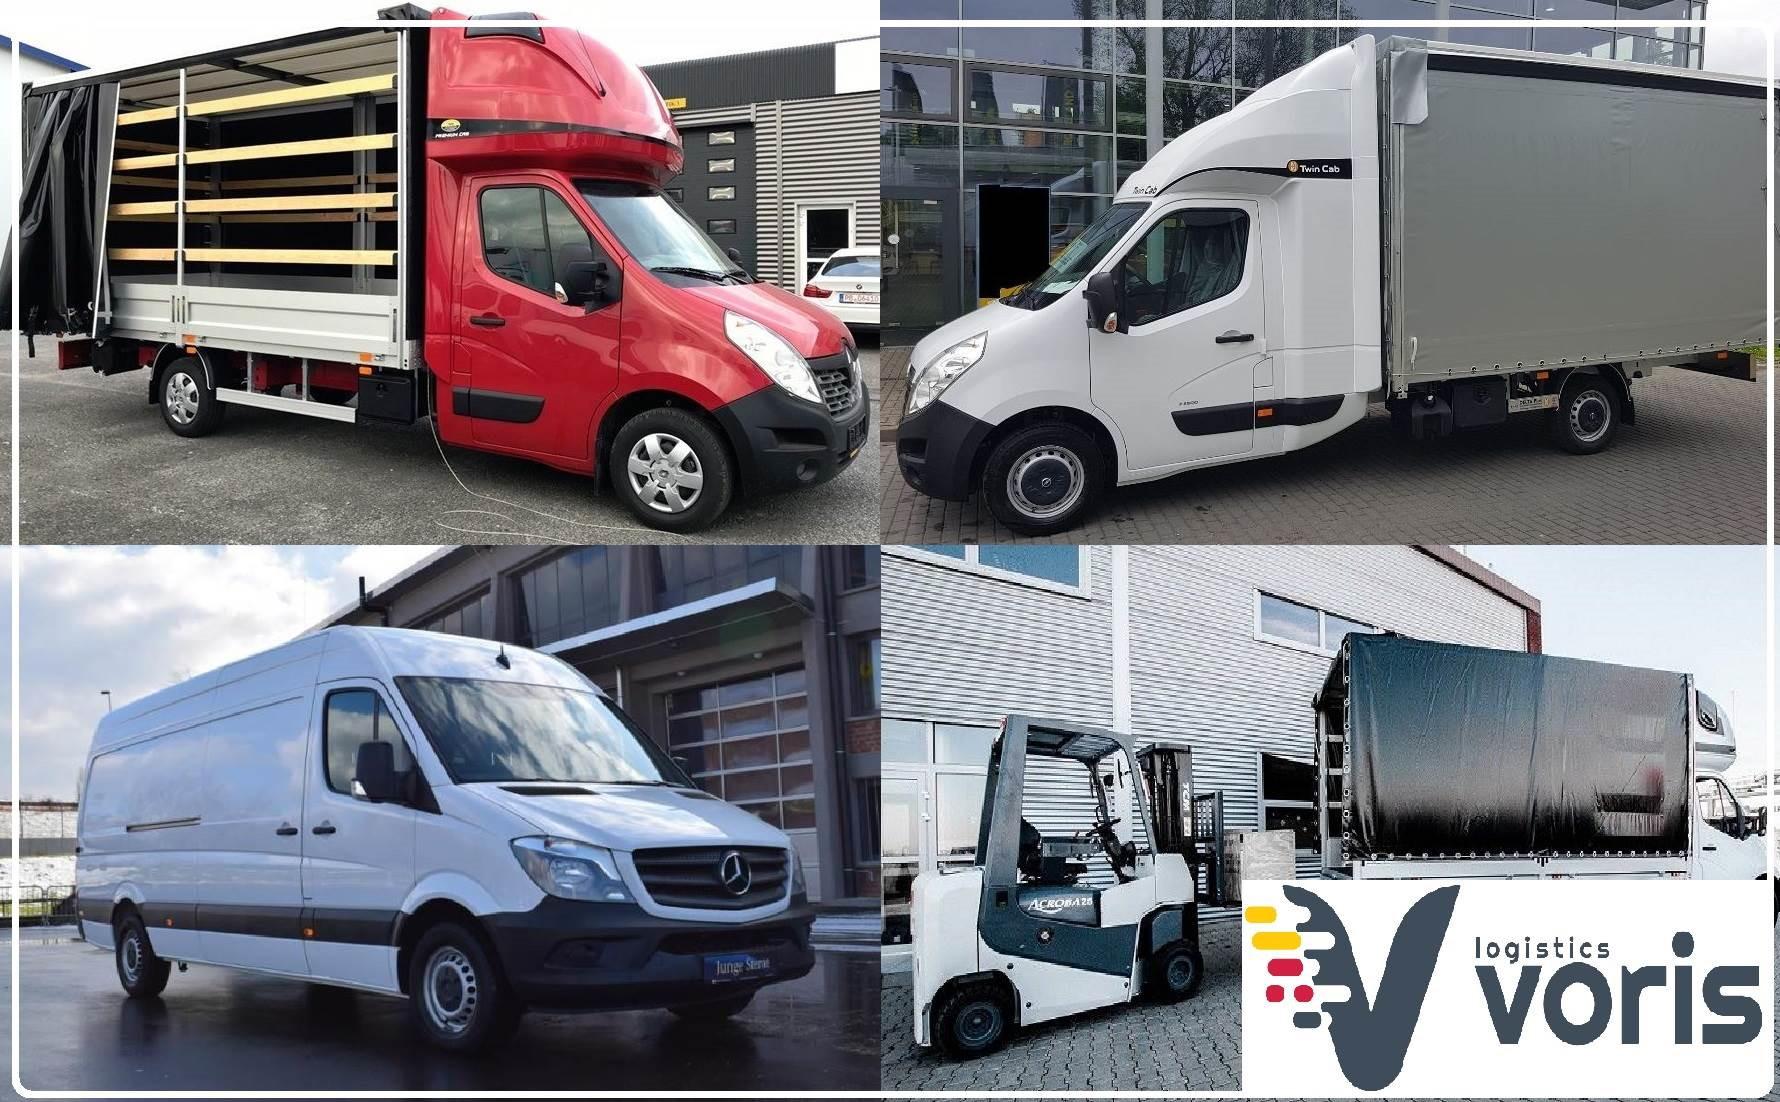 Tentiniu busiuku vežame krovinius iš Olandijos į Olandiją Vežame krovinius, siuntas, baldus, įrengimus ir t.t / Galime perkraustyti iš vienos šalies į